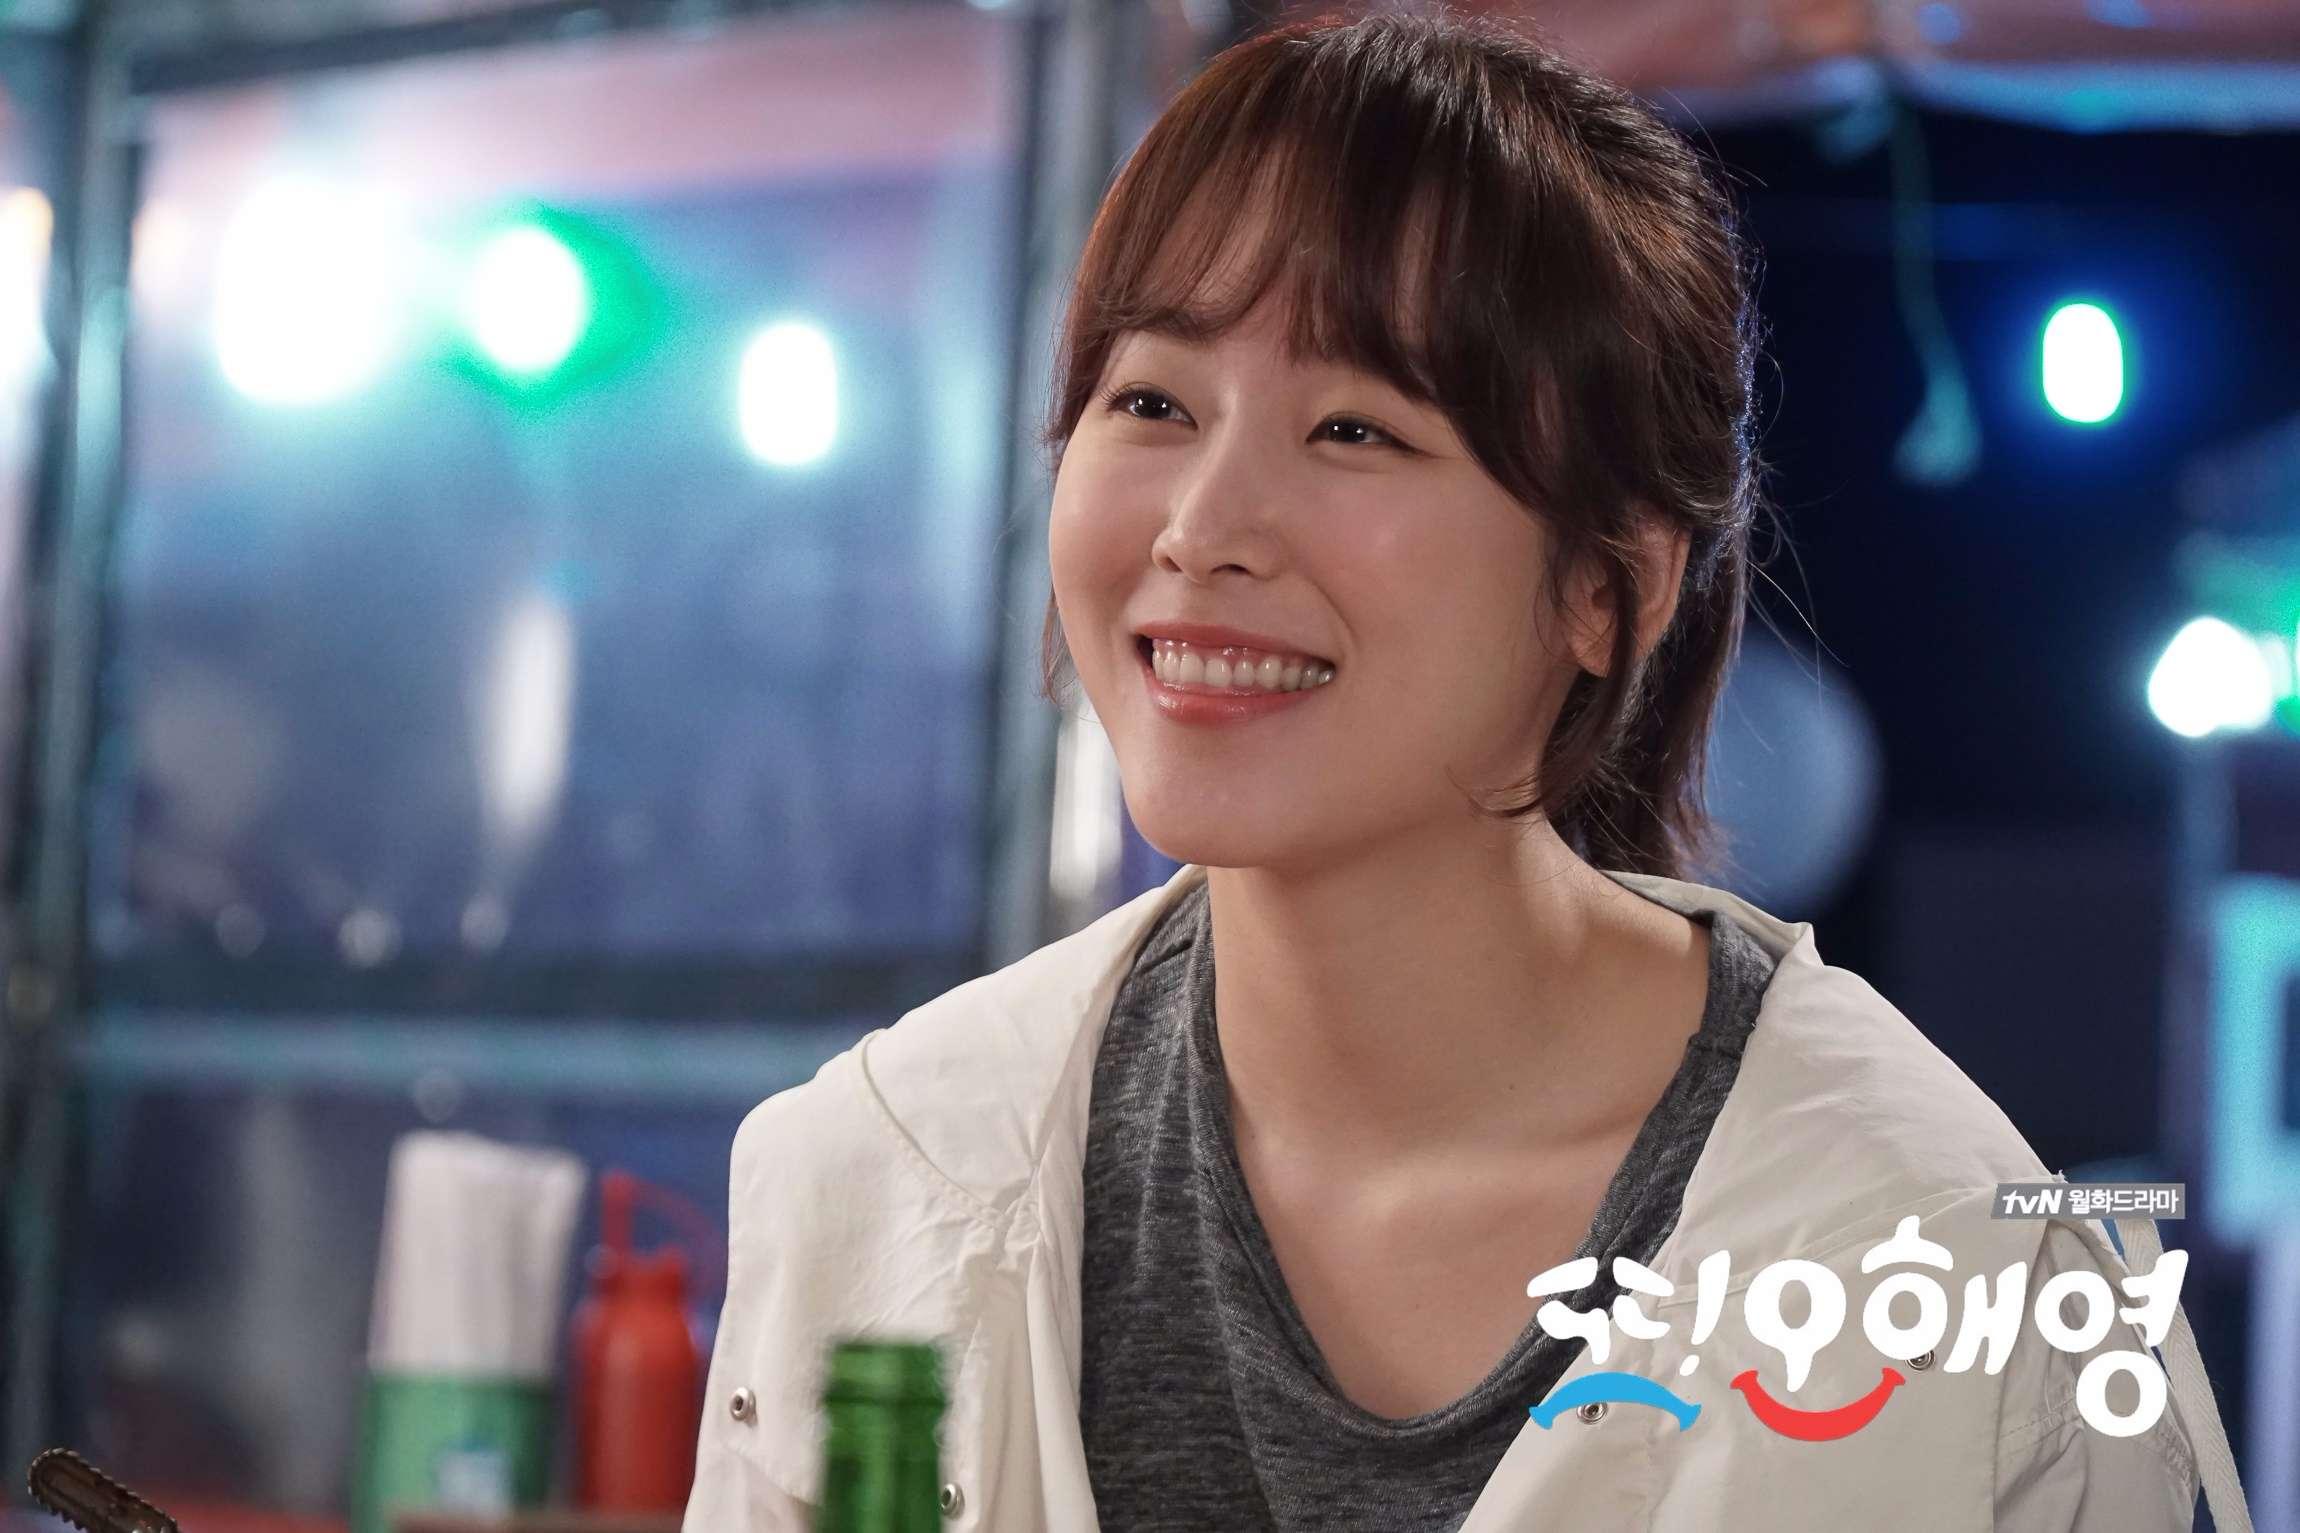 徐玄振 從《三劍客》、《一起吃飯吧2》到《又吳海英》,總是用全身把角色詮釋得很完美,替tvN的月火劇帶來史上最高的收視率